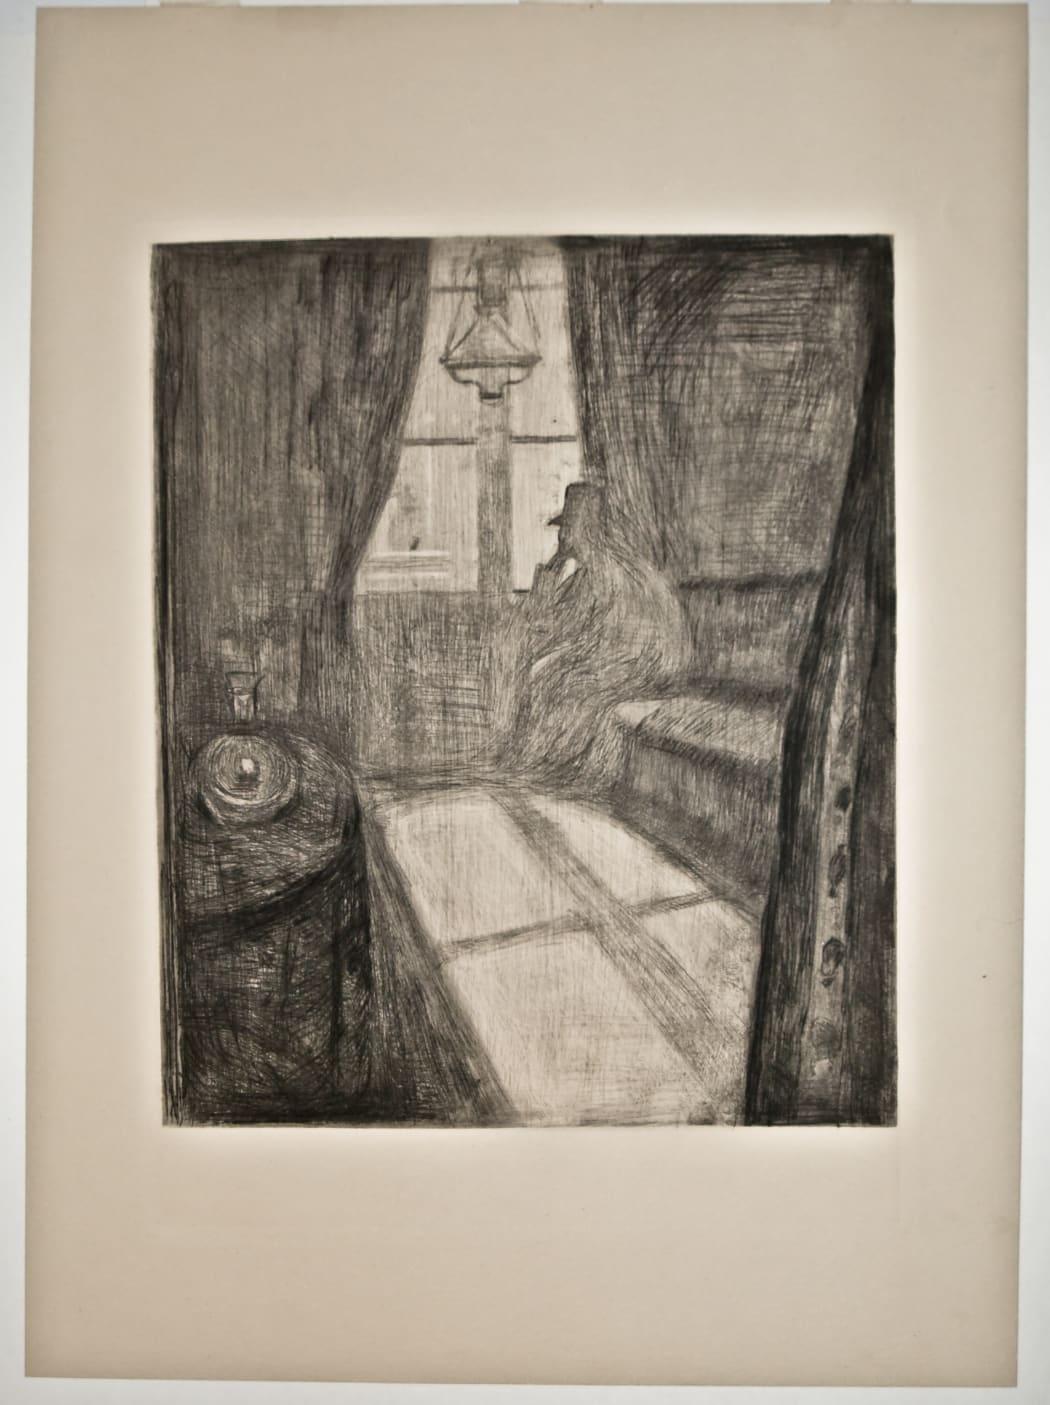 Måneskinn. Natt i Saint-Cloud (Moonlight. Night in Saint-Cloud) (Woll 17)), 1895, drypoint, 17 1/2 x 12 7/8 inches